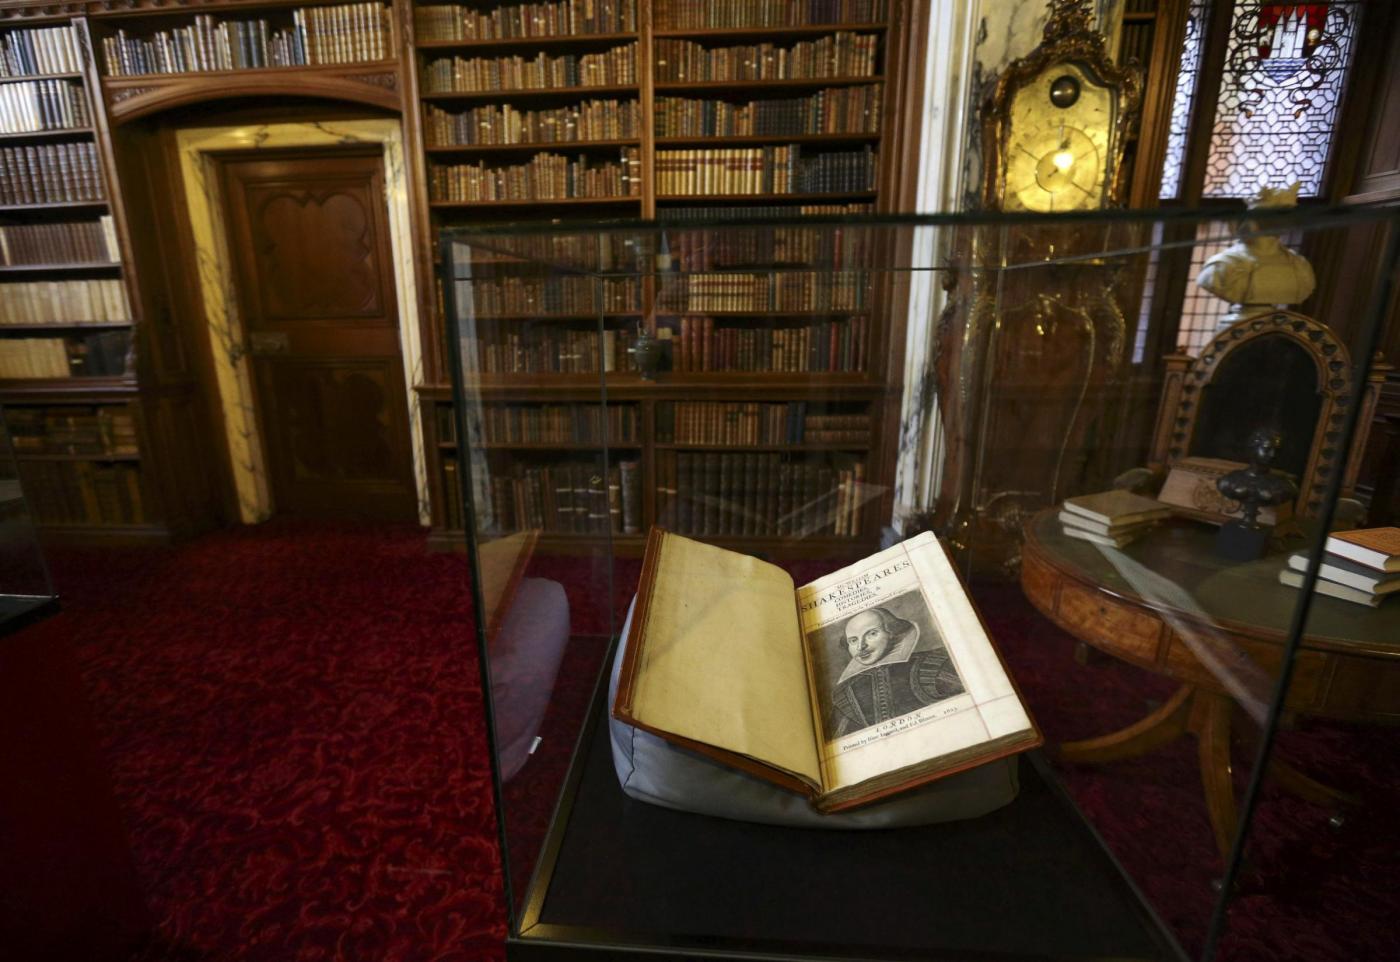 Shakespeare, opere: ritrovato raro esemplare di 'primo in folio'